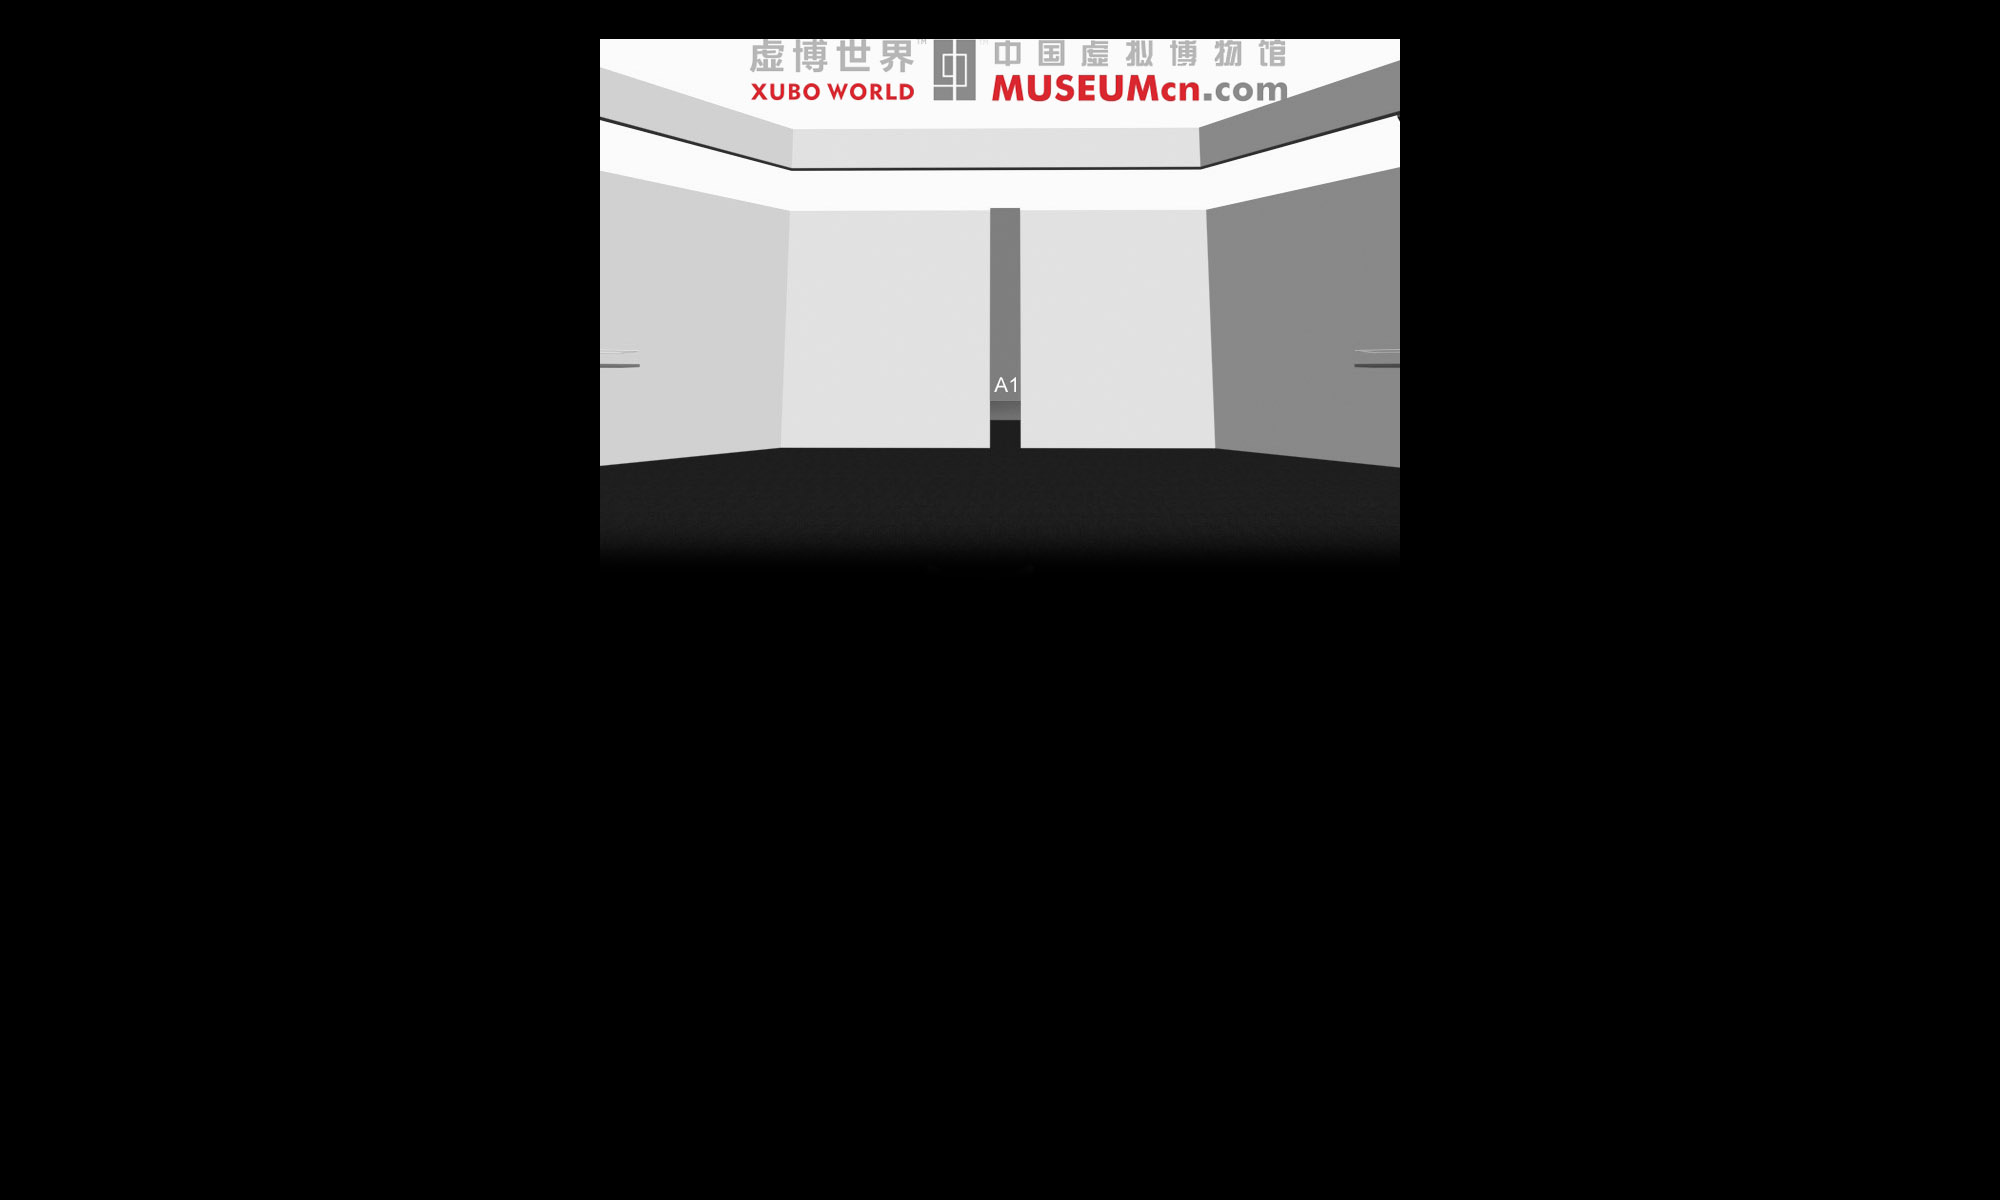 中国虚拟博物馆 museumcn